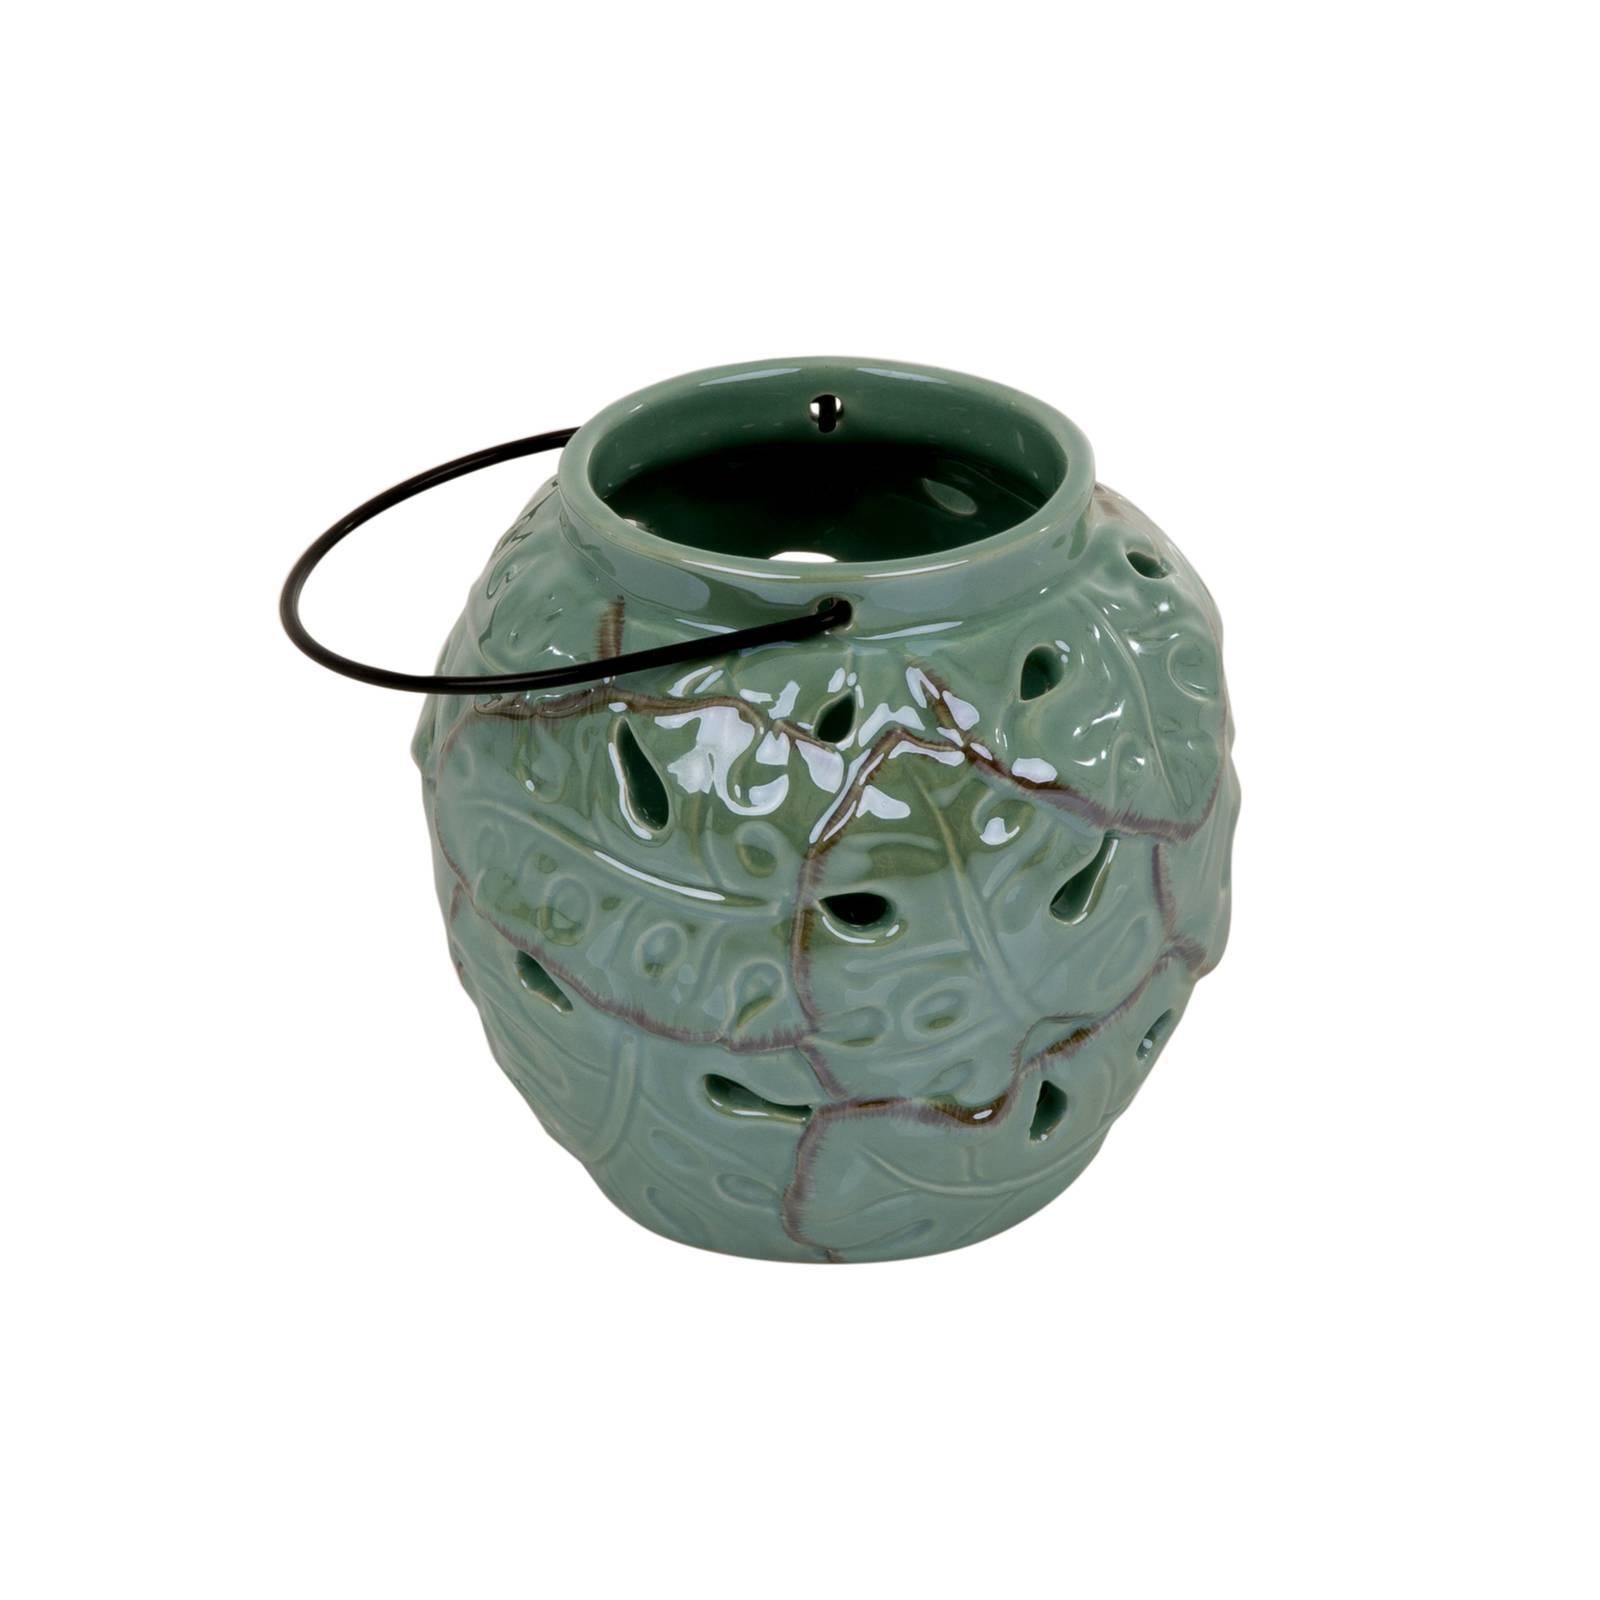 Lampion ceramiczny Tropic 13 x 13 x 12,2 cm zielony MY HOME